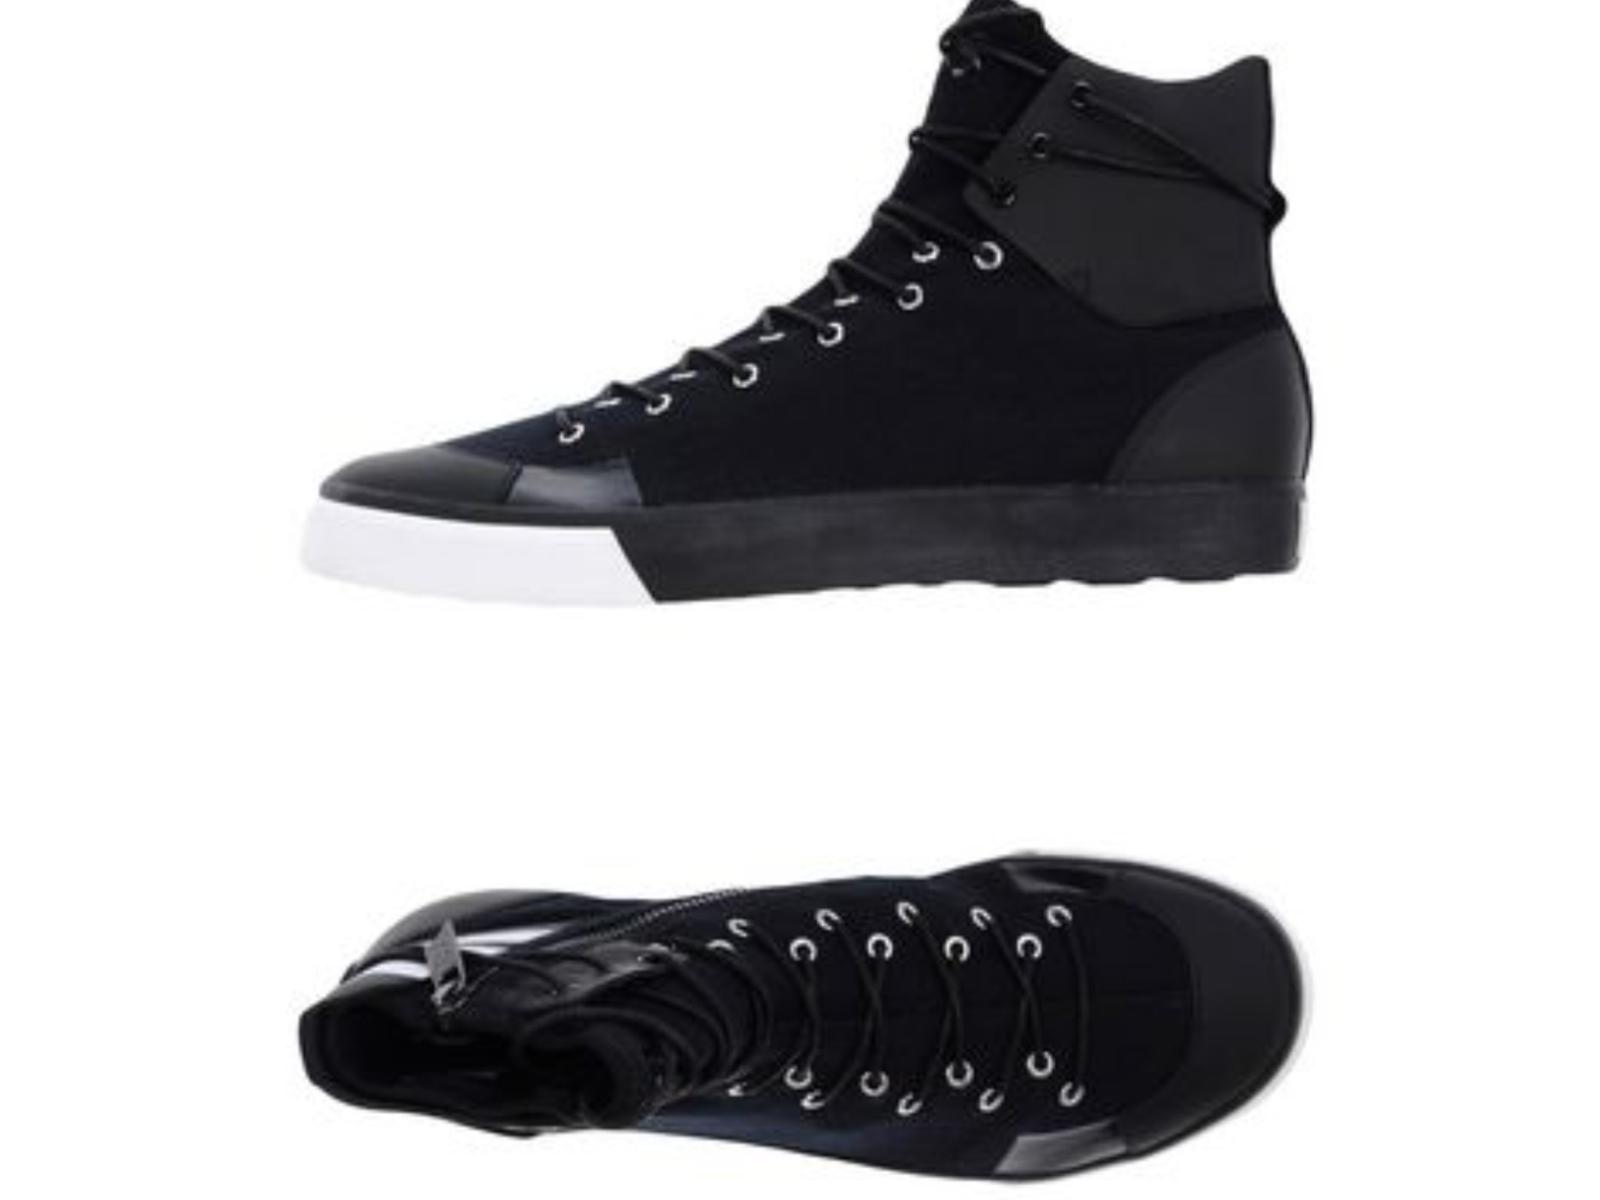 Y-3 Yohji Yamamoto Men's 8.5 Sen High Lace Zip Flat scarpe da ginnastica nero Denim Leather